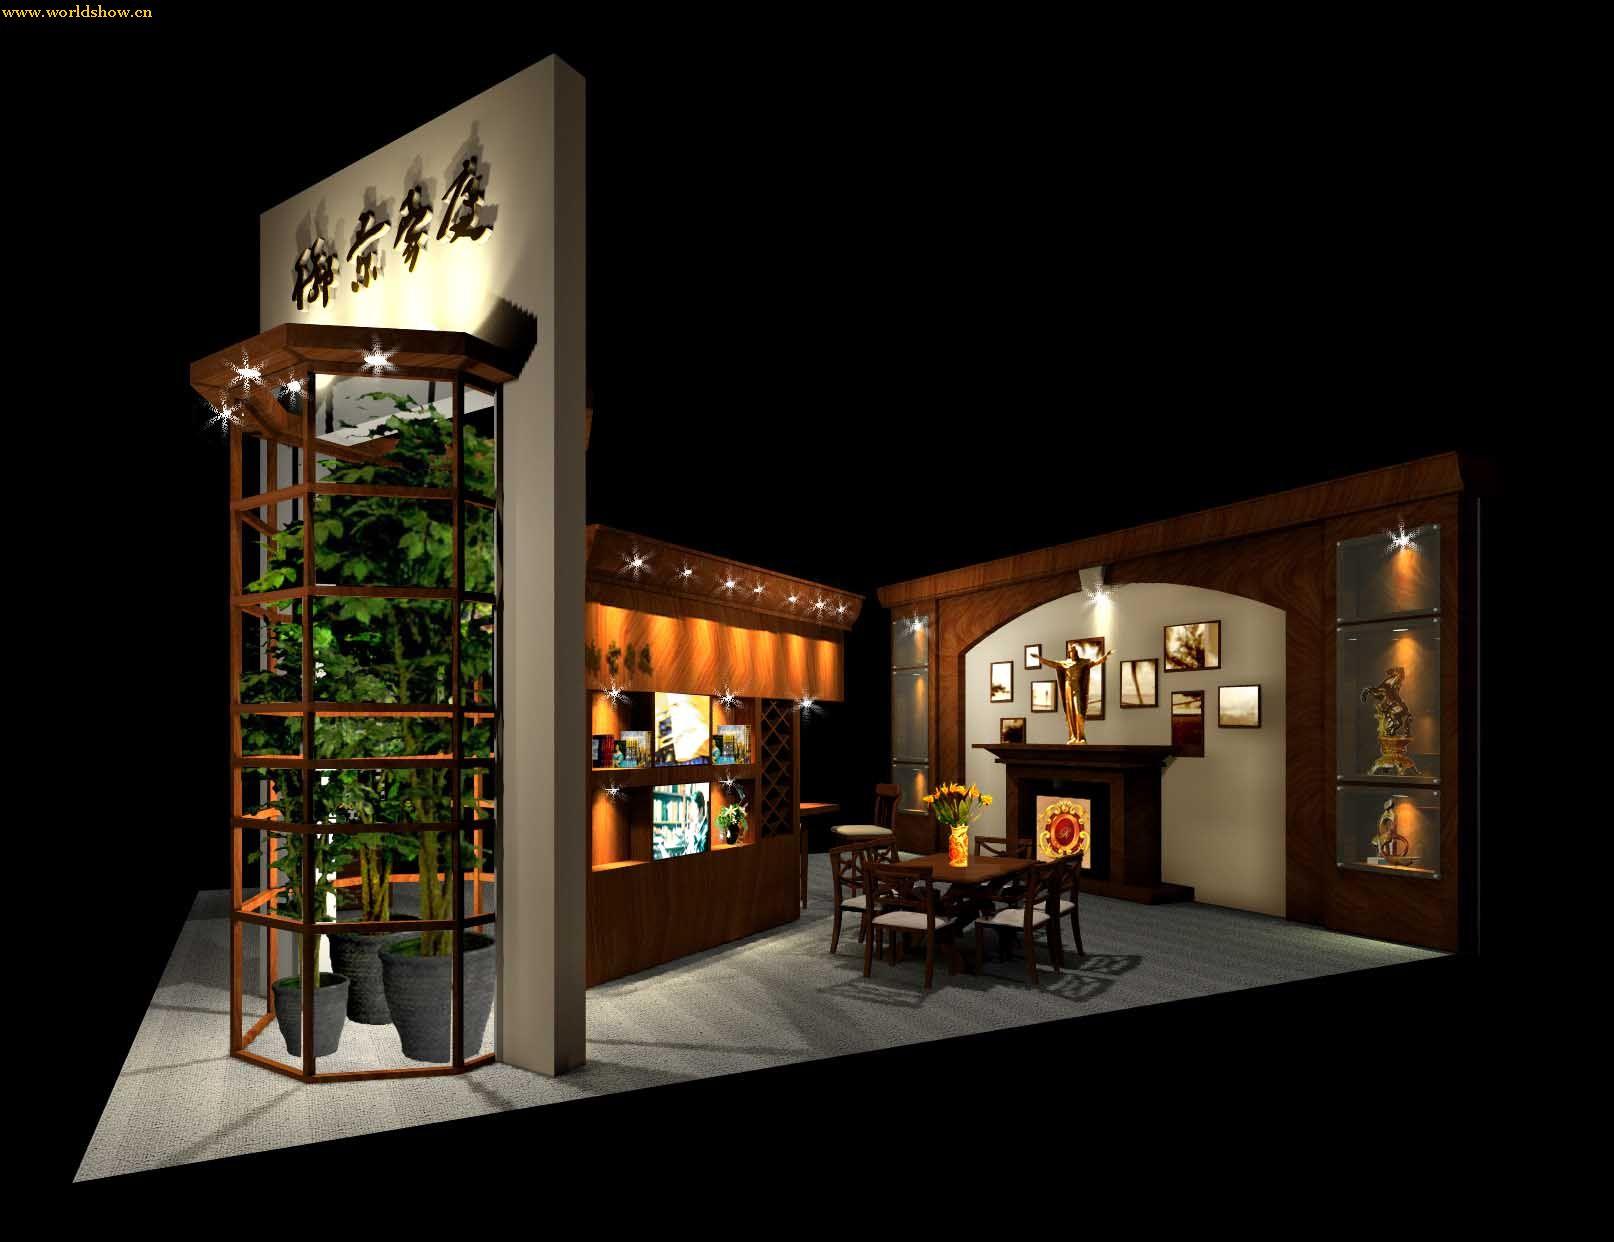 和协置业展台展位设计效果图欣赏 - 中国展览设计网|国外展台搭建